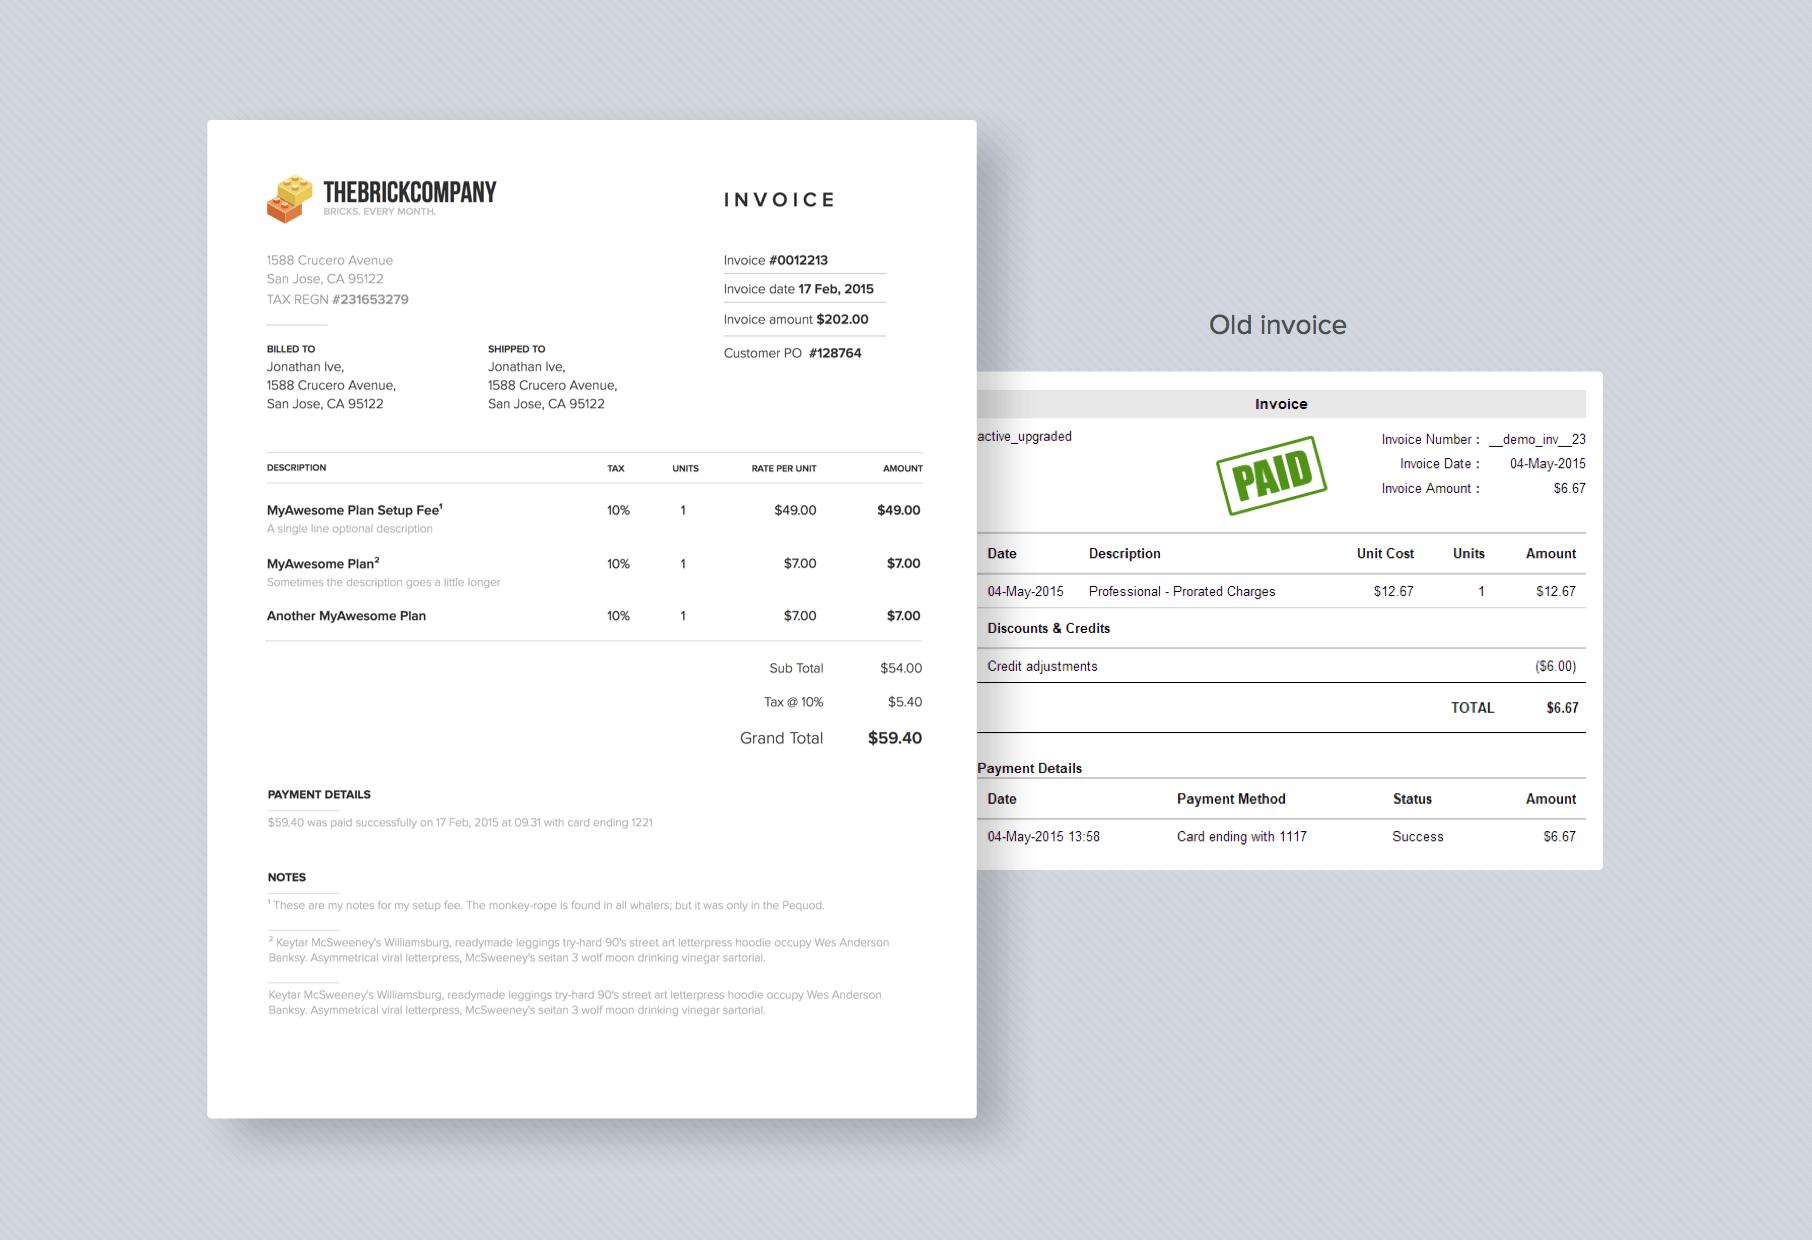 compare invoice